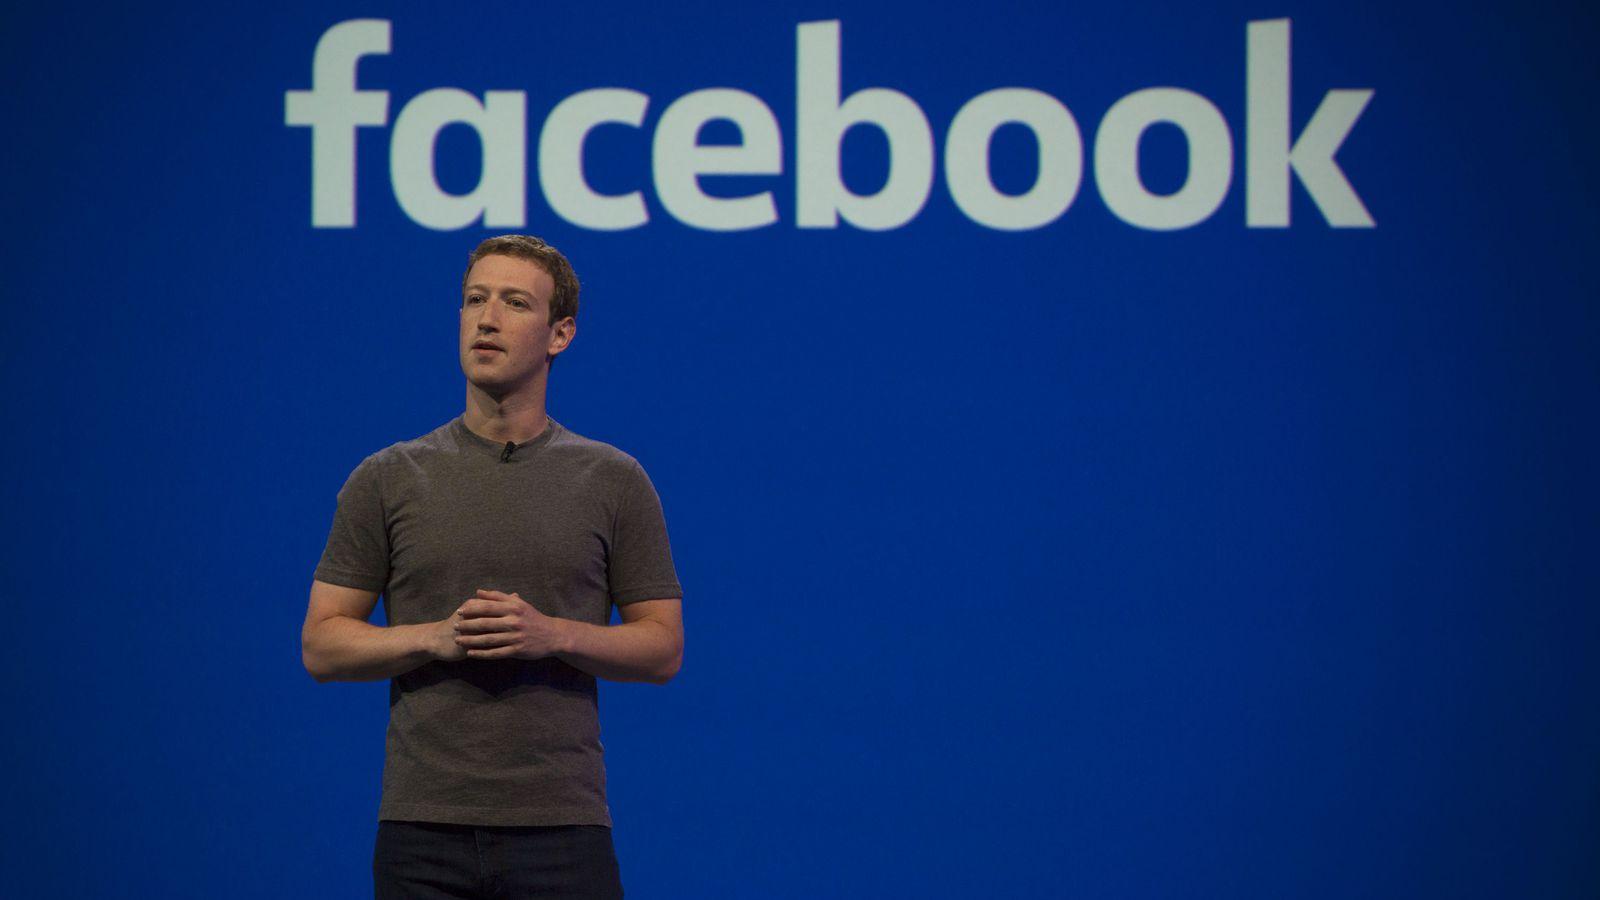 Cambios en el News Feed de Facebook – Acercando más a la gente